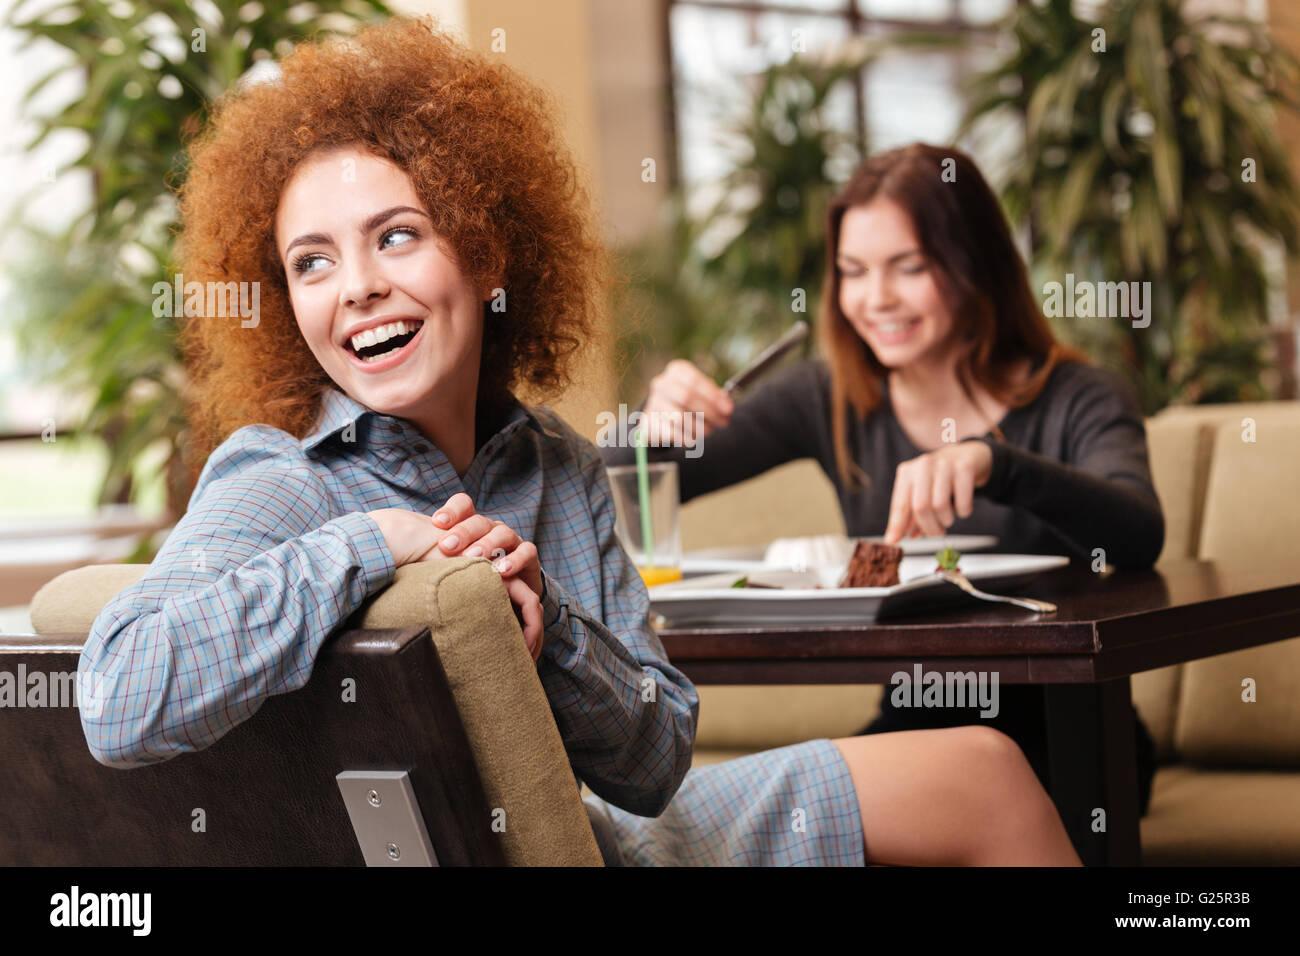 Zwei fröhliche schönen jungen Frauen im Café sitzen und gemeinsam lachen Stockbild